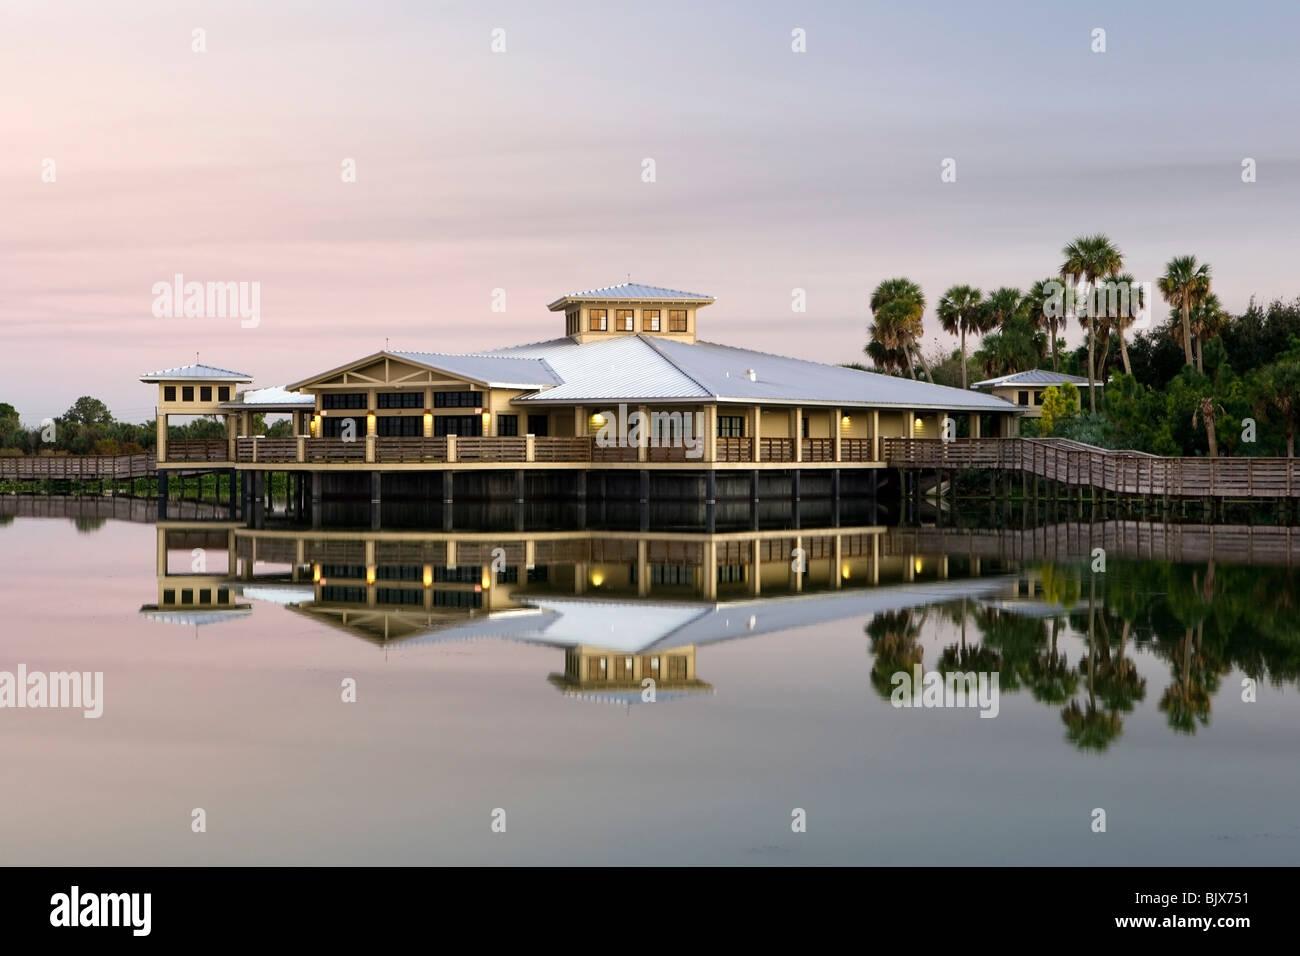 Interpretive Center - Green Cay Wetlands - Boynton Beach, Florida USA - Stock Image